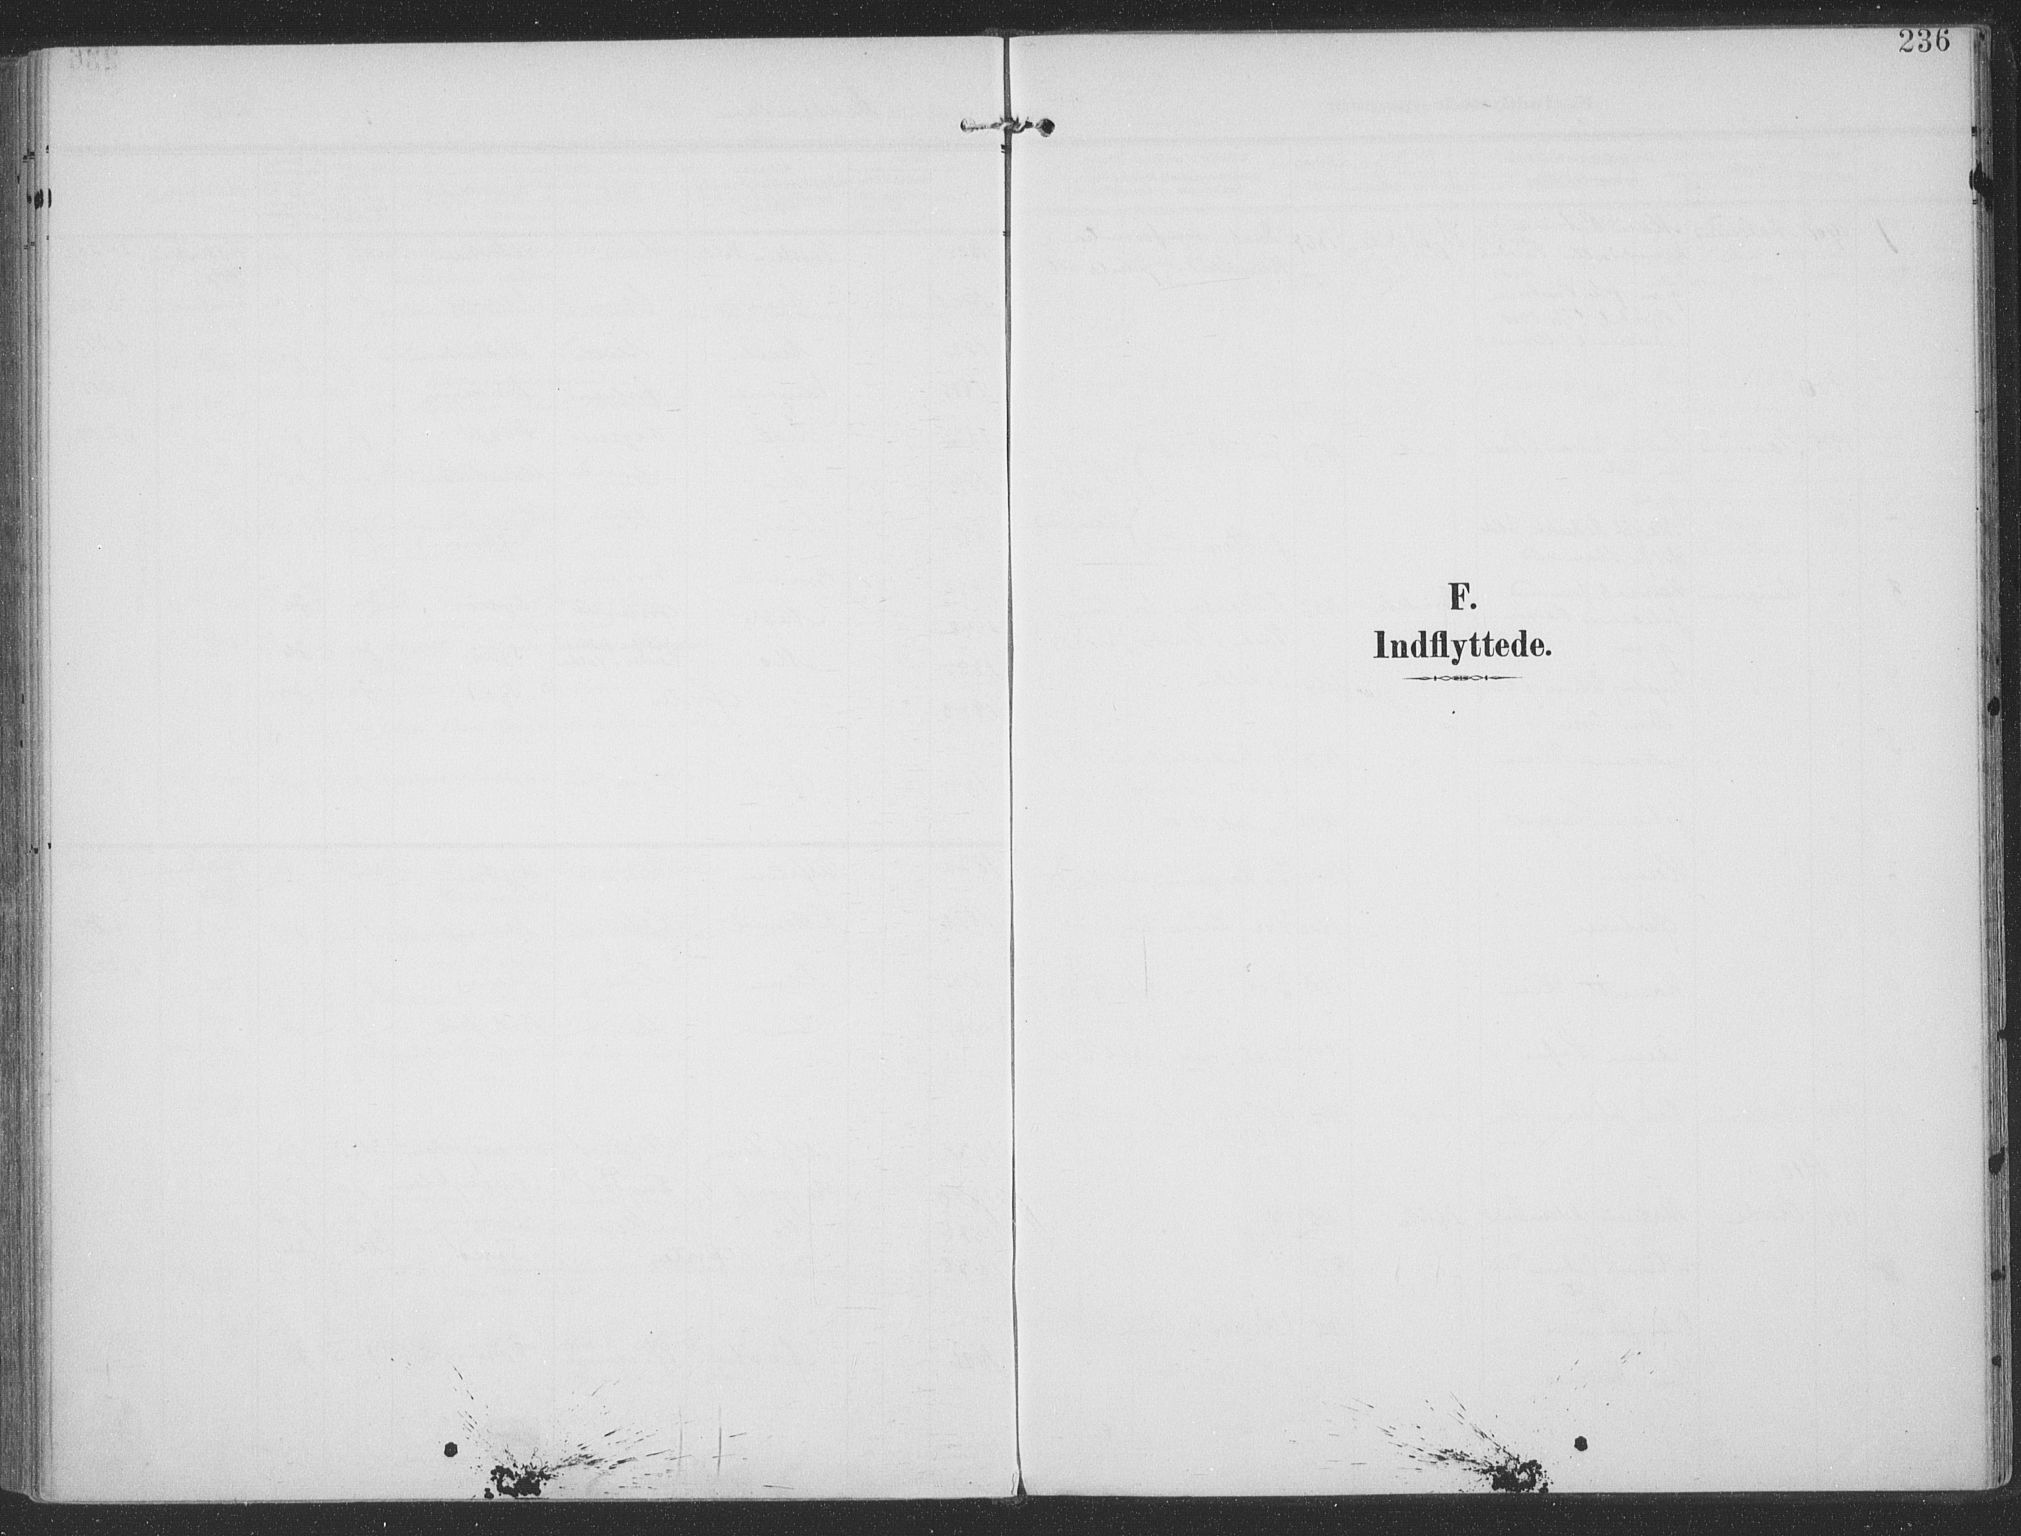 SAT, Ministerialprotokoller, klokkerbøker og fødselsregistre - Møre og Romsdal, 513/L0178: Ministerialbok nr. 513A05, 1906-1919, s. 236